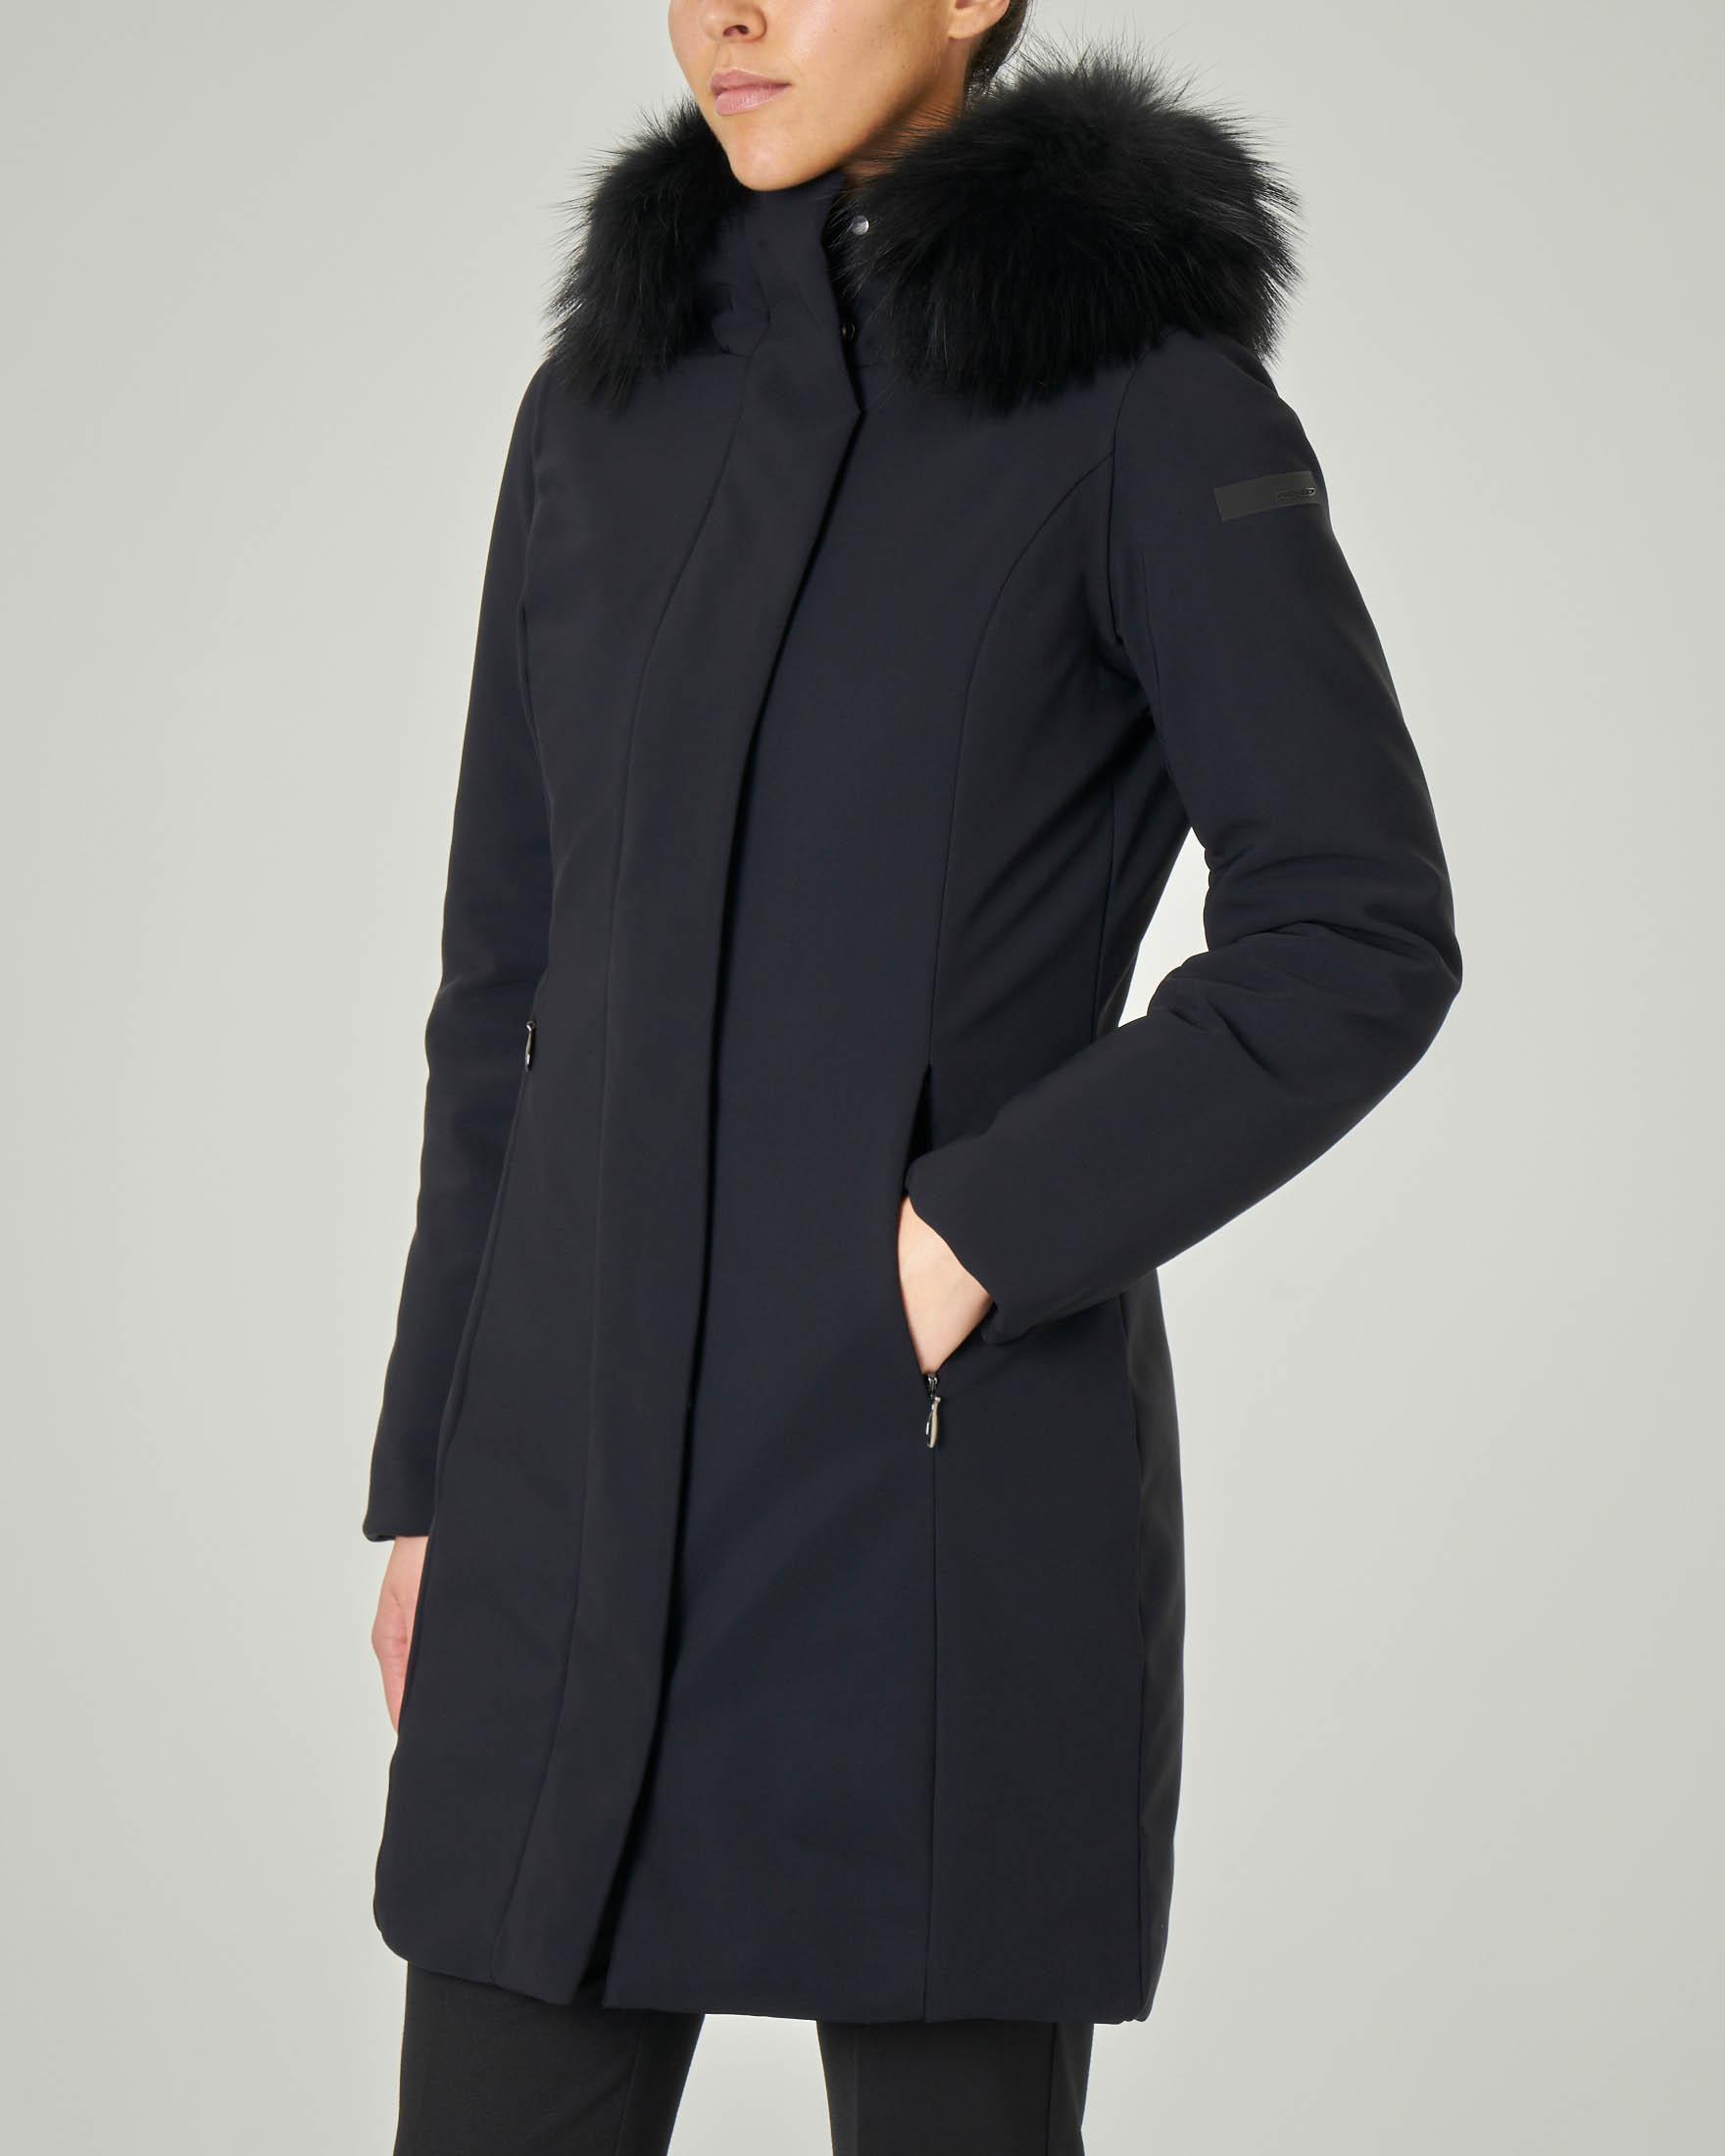 Cappotto nero imbottito con cappuccio con profilo staccabile in pelliccia